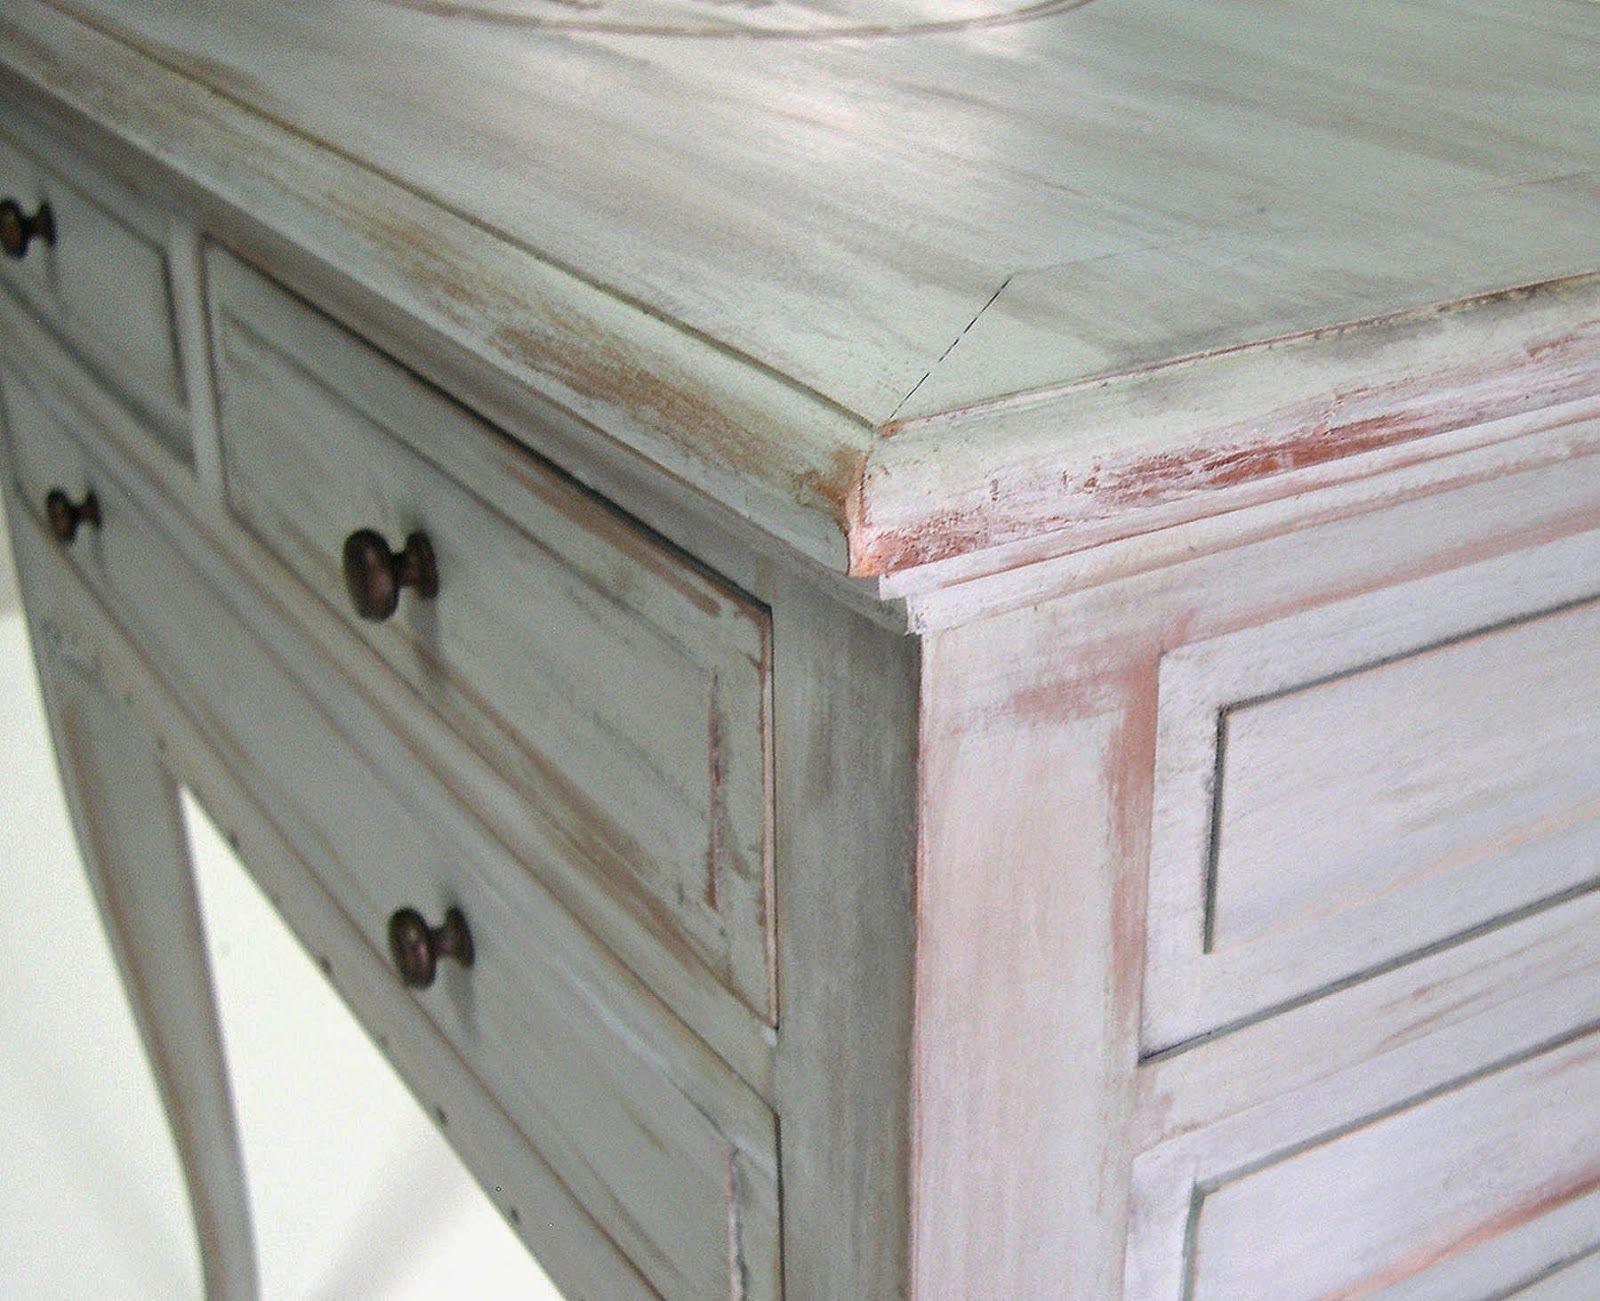 El chalky blog tecnica decapado con lija de pintura - Pintura acrilica para muebles ...